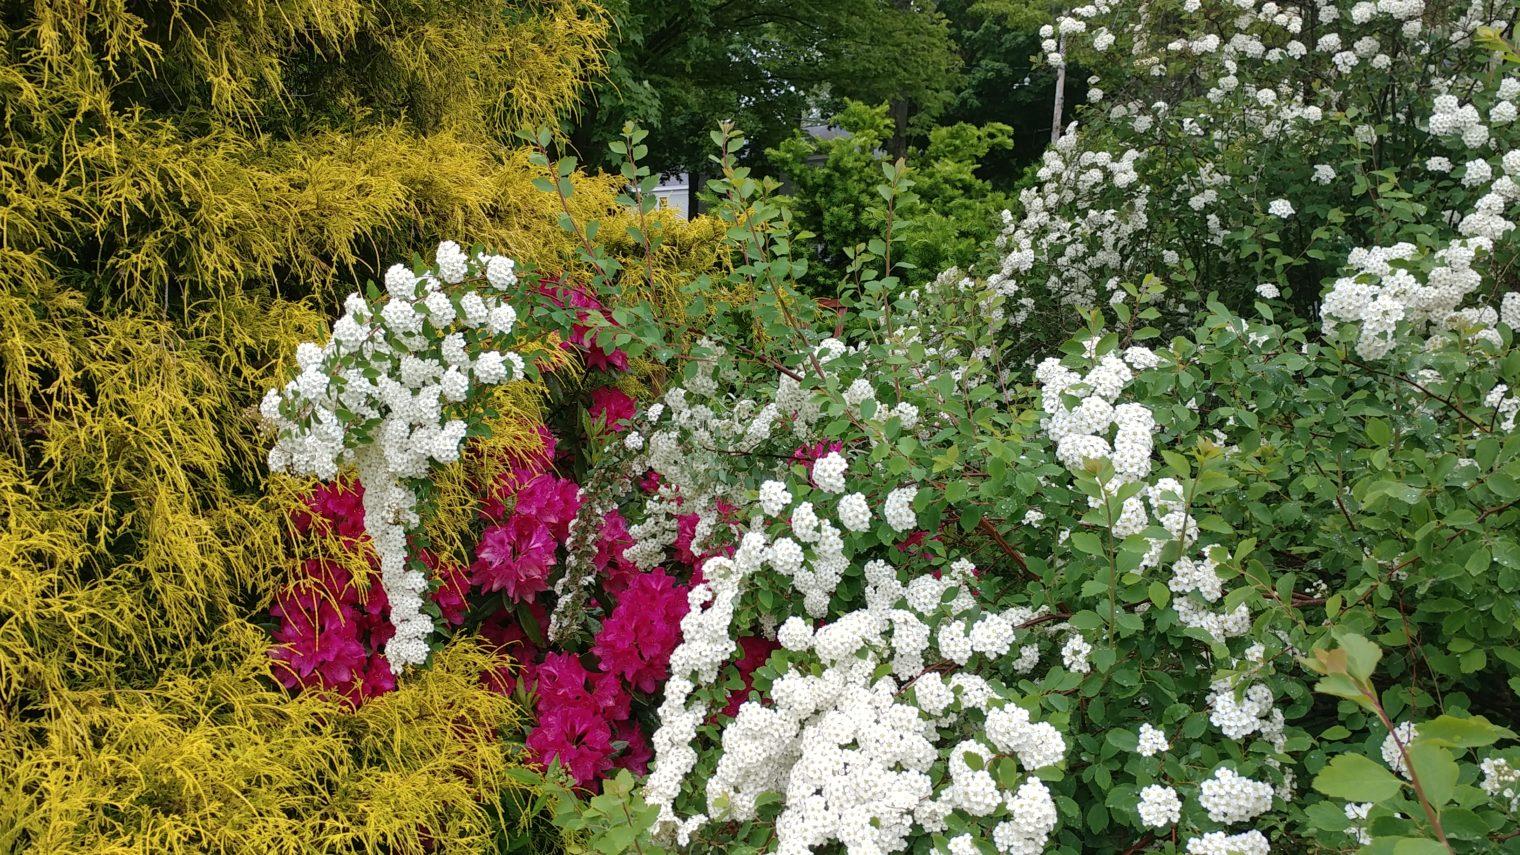 Blooming gardens at Captain Jefferds Inn.